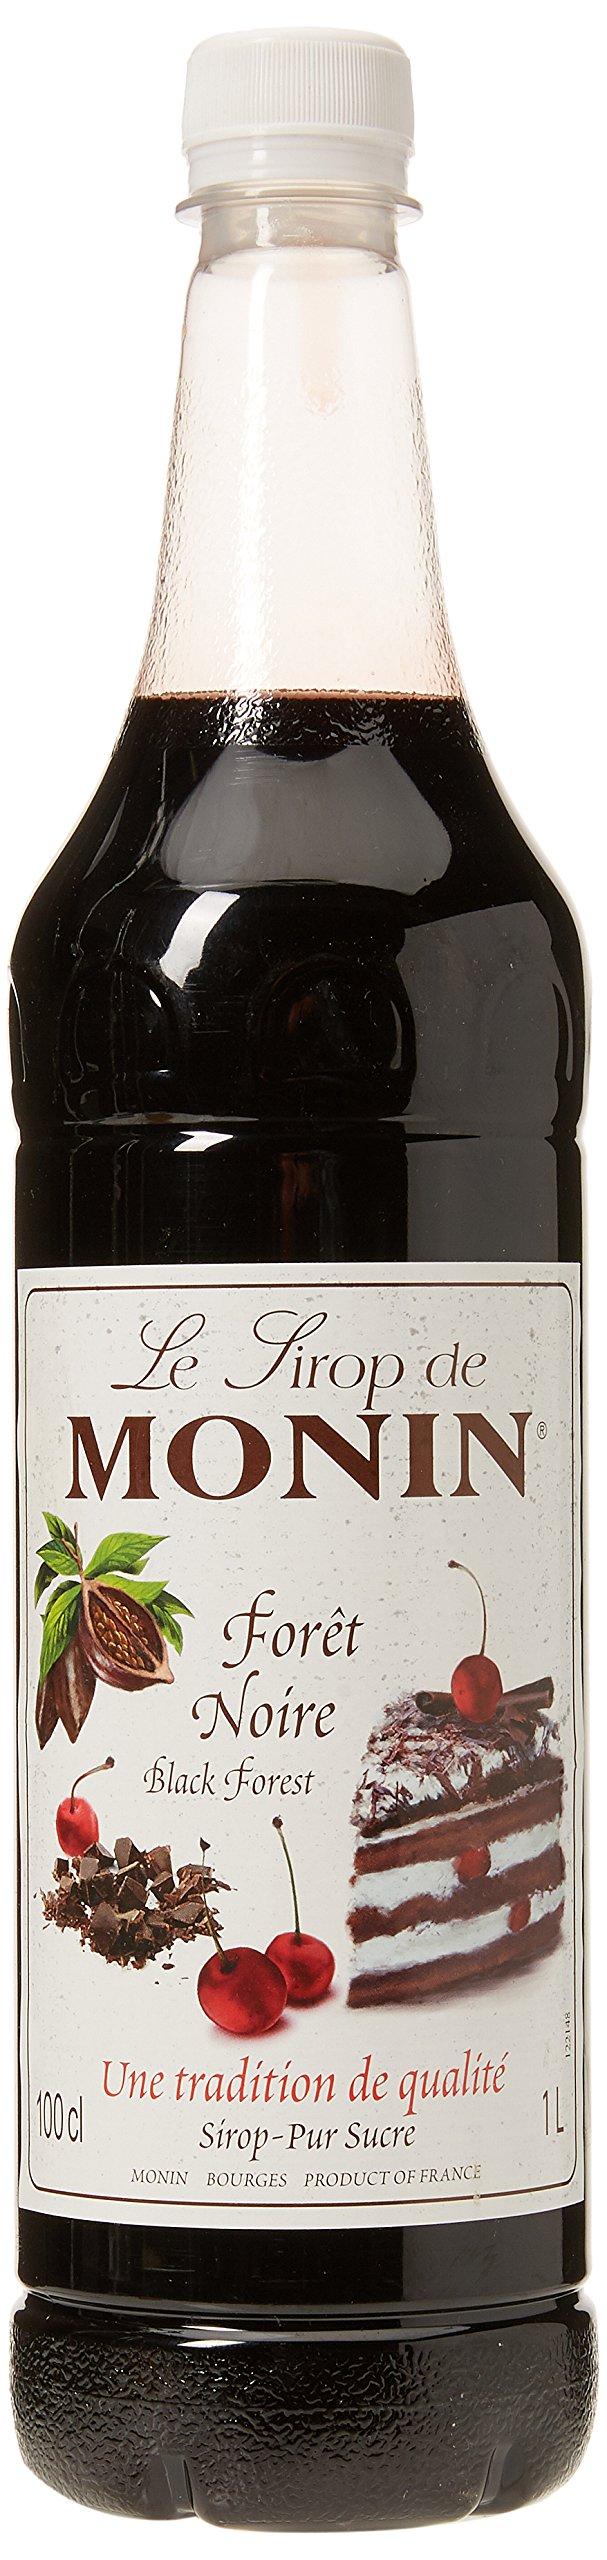 Monin-Black-Forest-Syrup-1-ltr